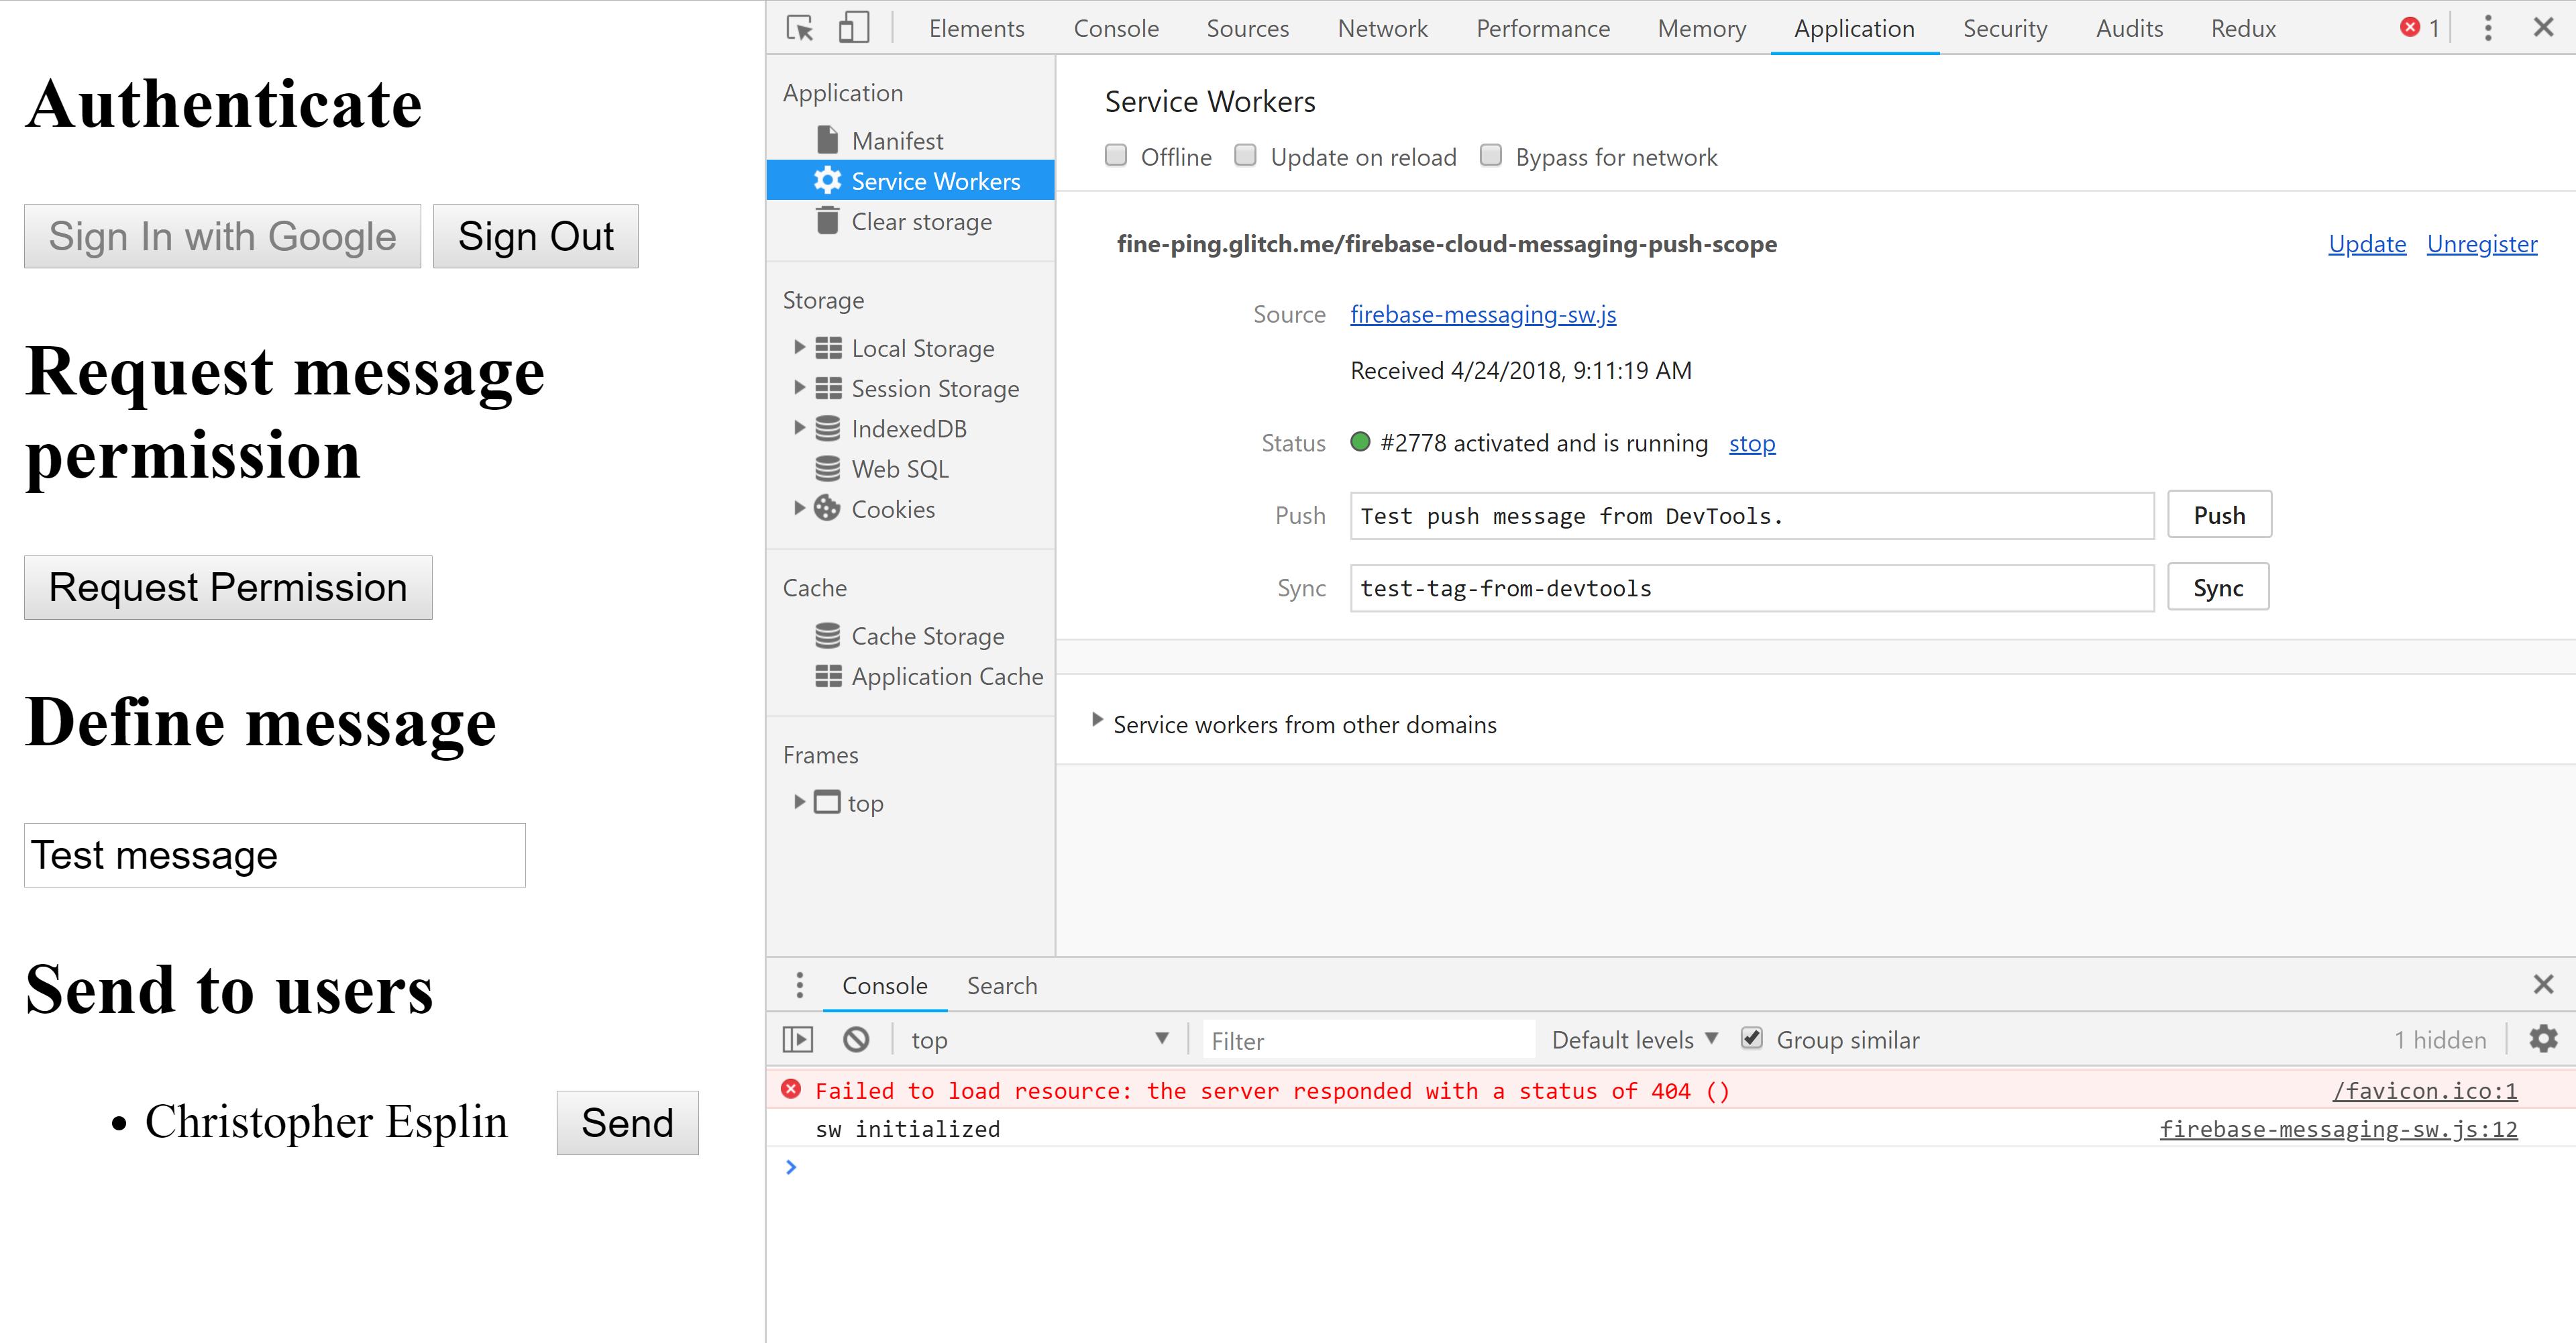 firebase-messaging-sw.js